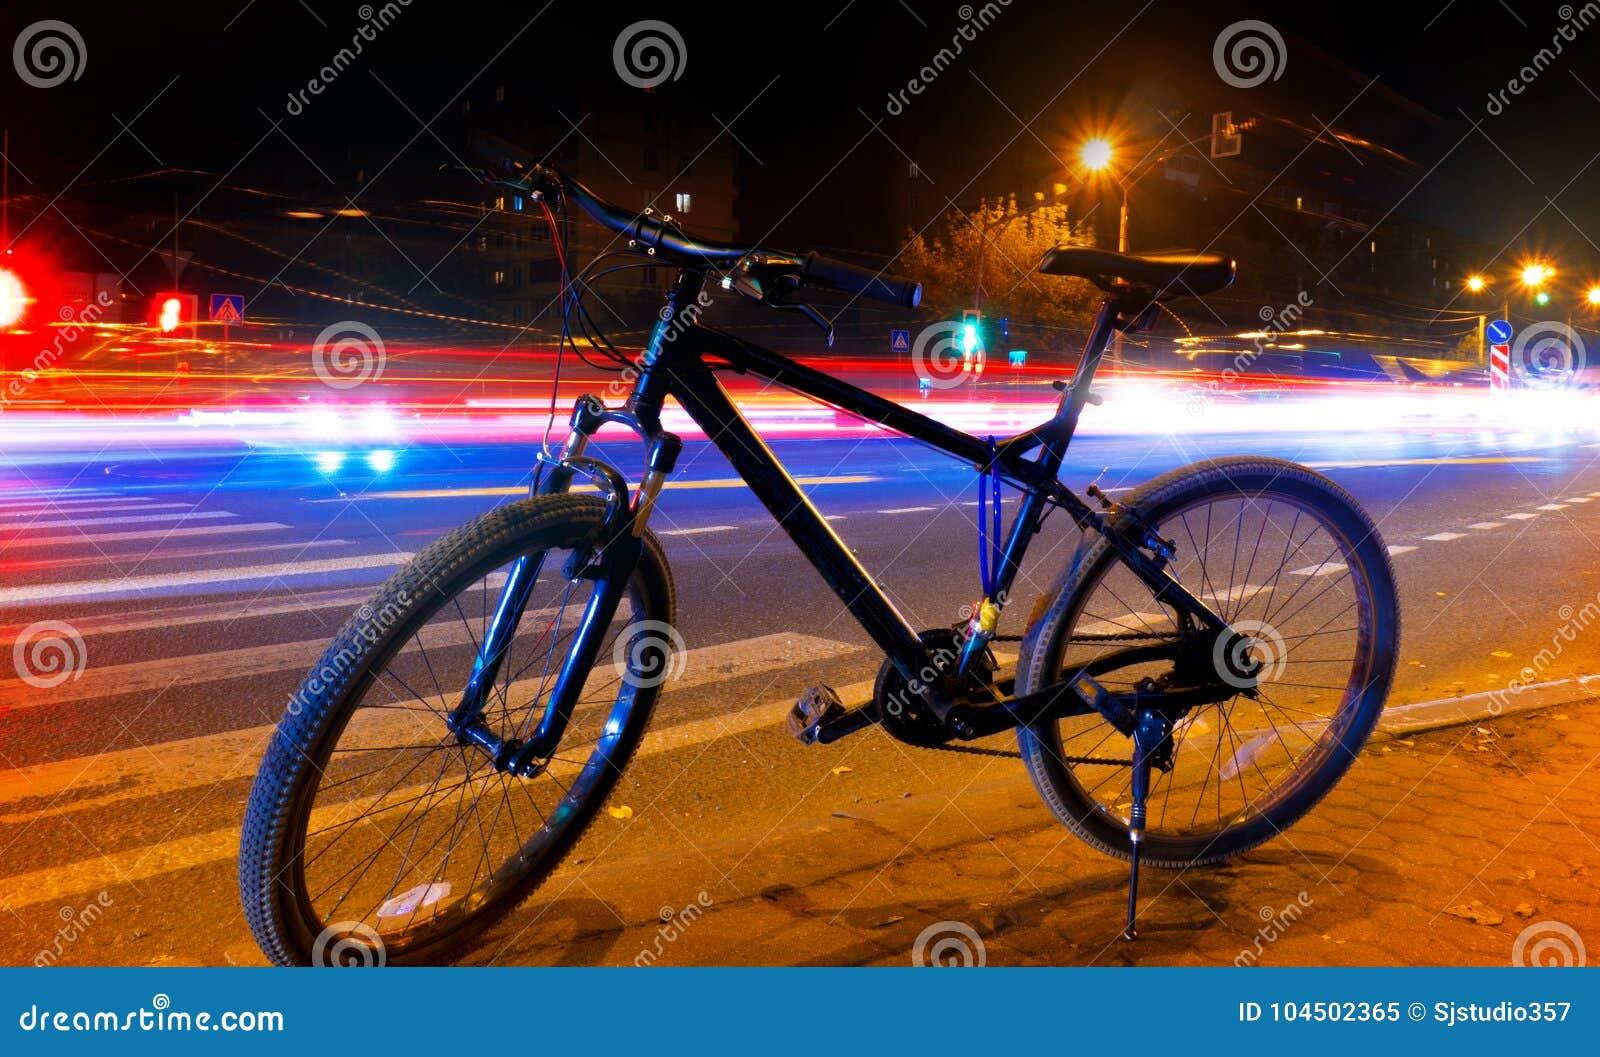 En cykel på gatan i en natt mot en bakgrund av oskarpa ljus från bilar, ljuset skuggar på gatan